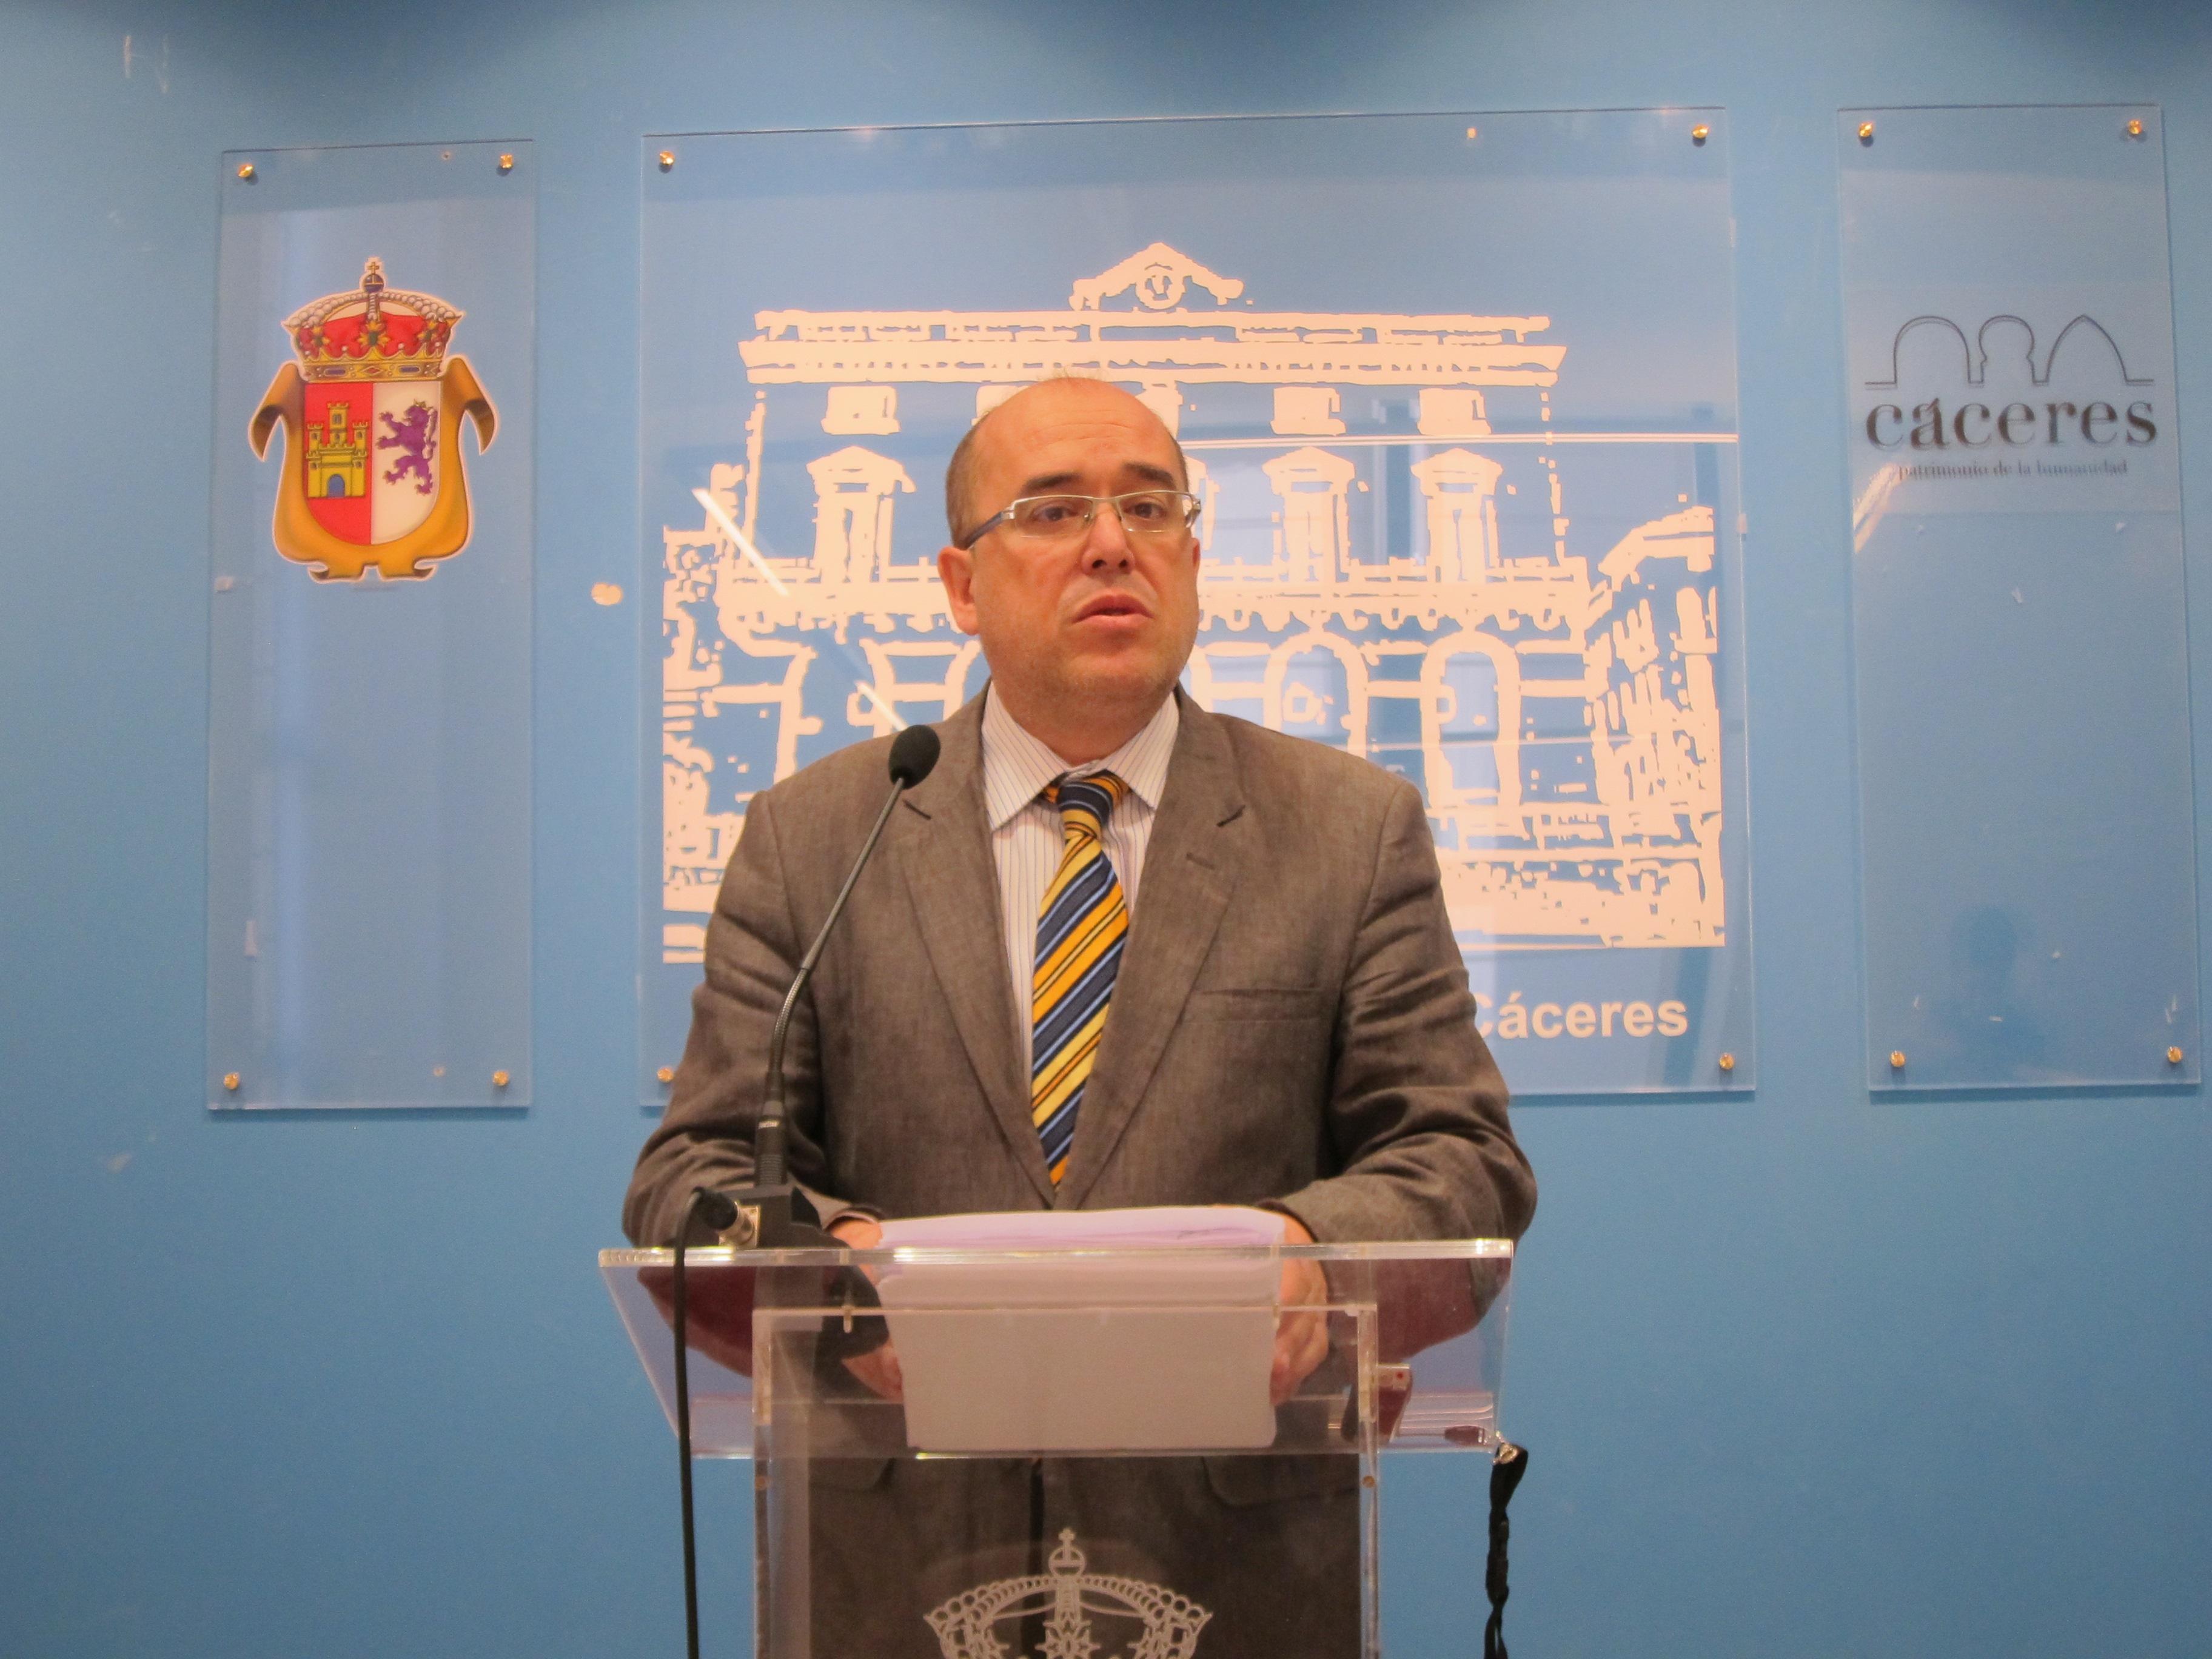 El Gobierno local de Cáceres mantiene que la pista de hielo no necesitaba licencia de apertura por ser «provisional»